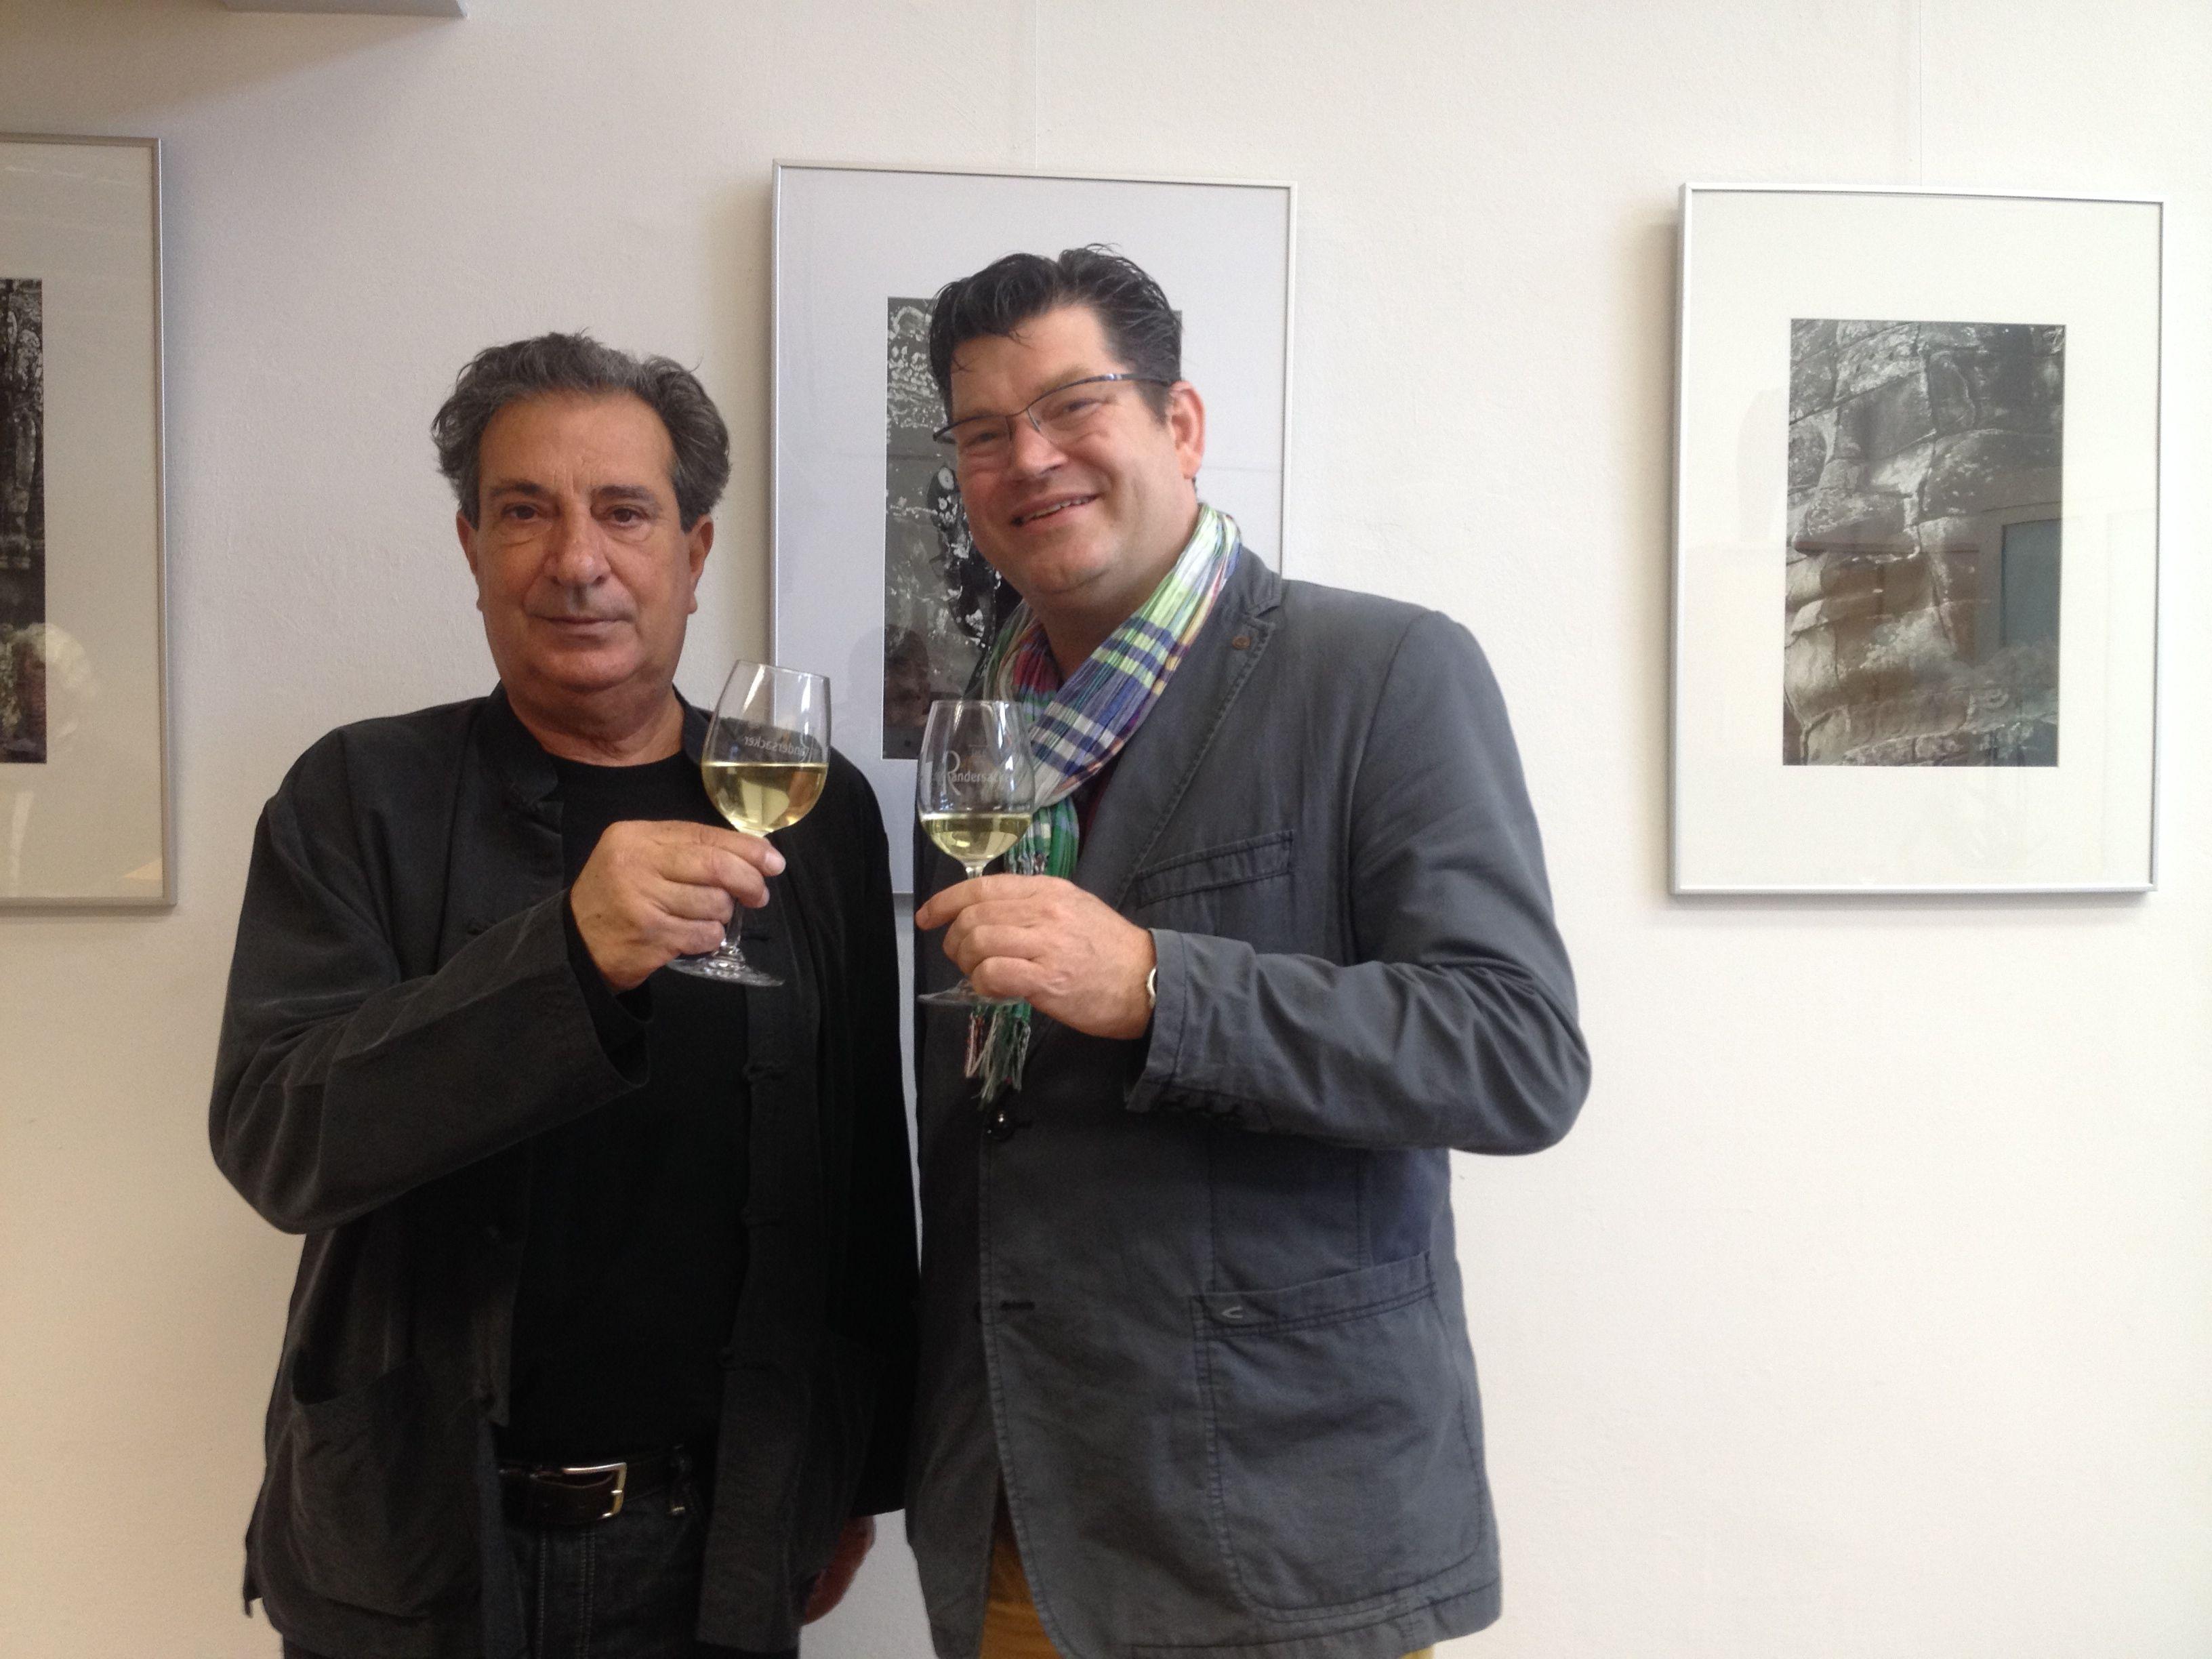 Enric Boixadós 'La fièvre jaune' - Ausstellung bis Ende 2014 bei HENNEBERGER und Partner - Steuerberater